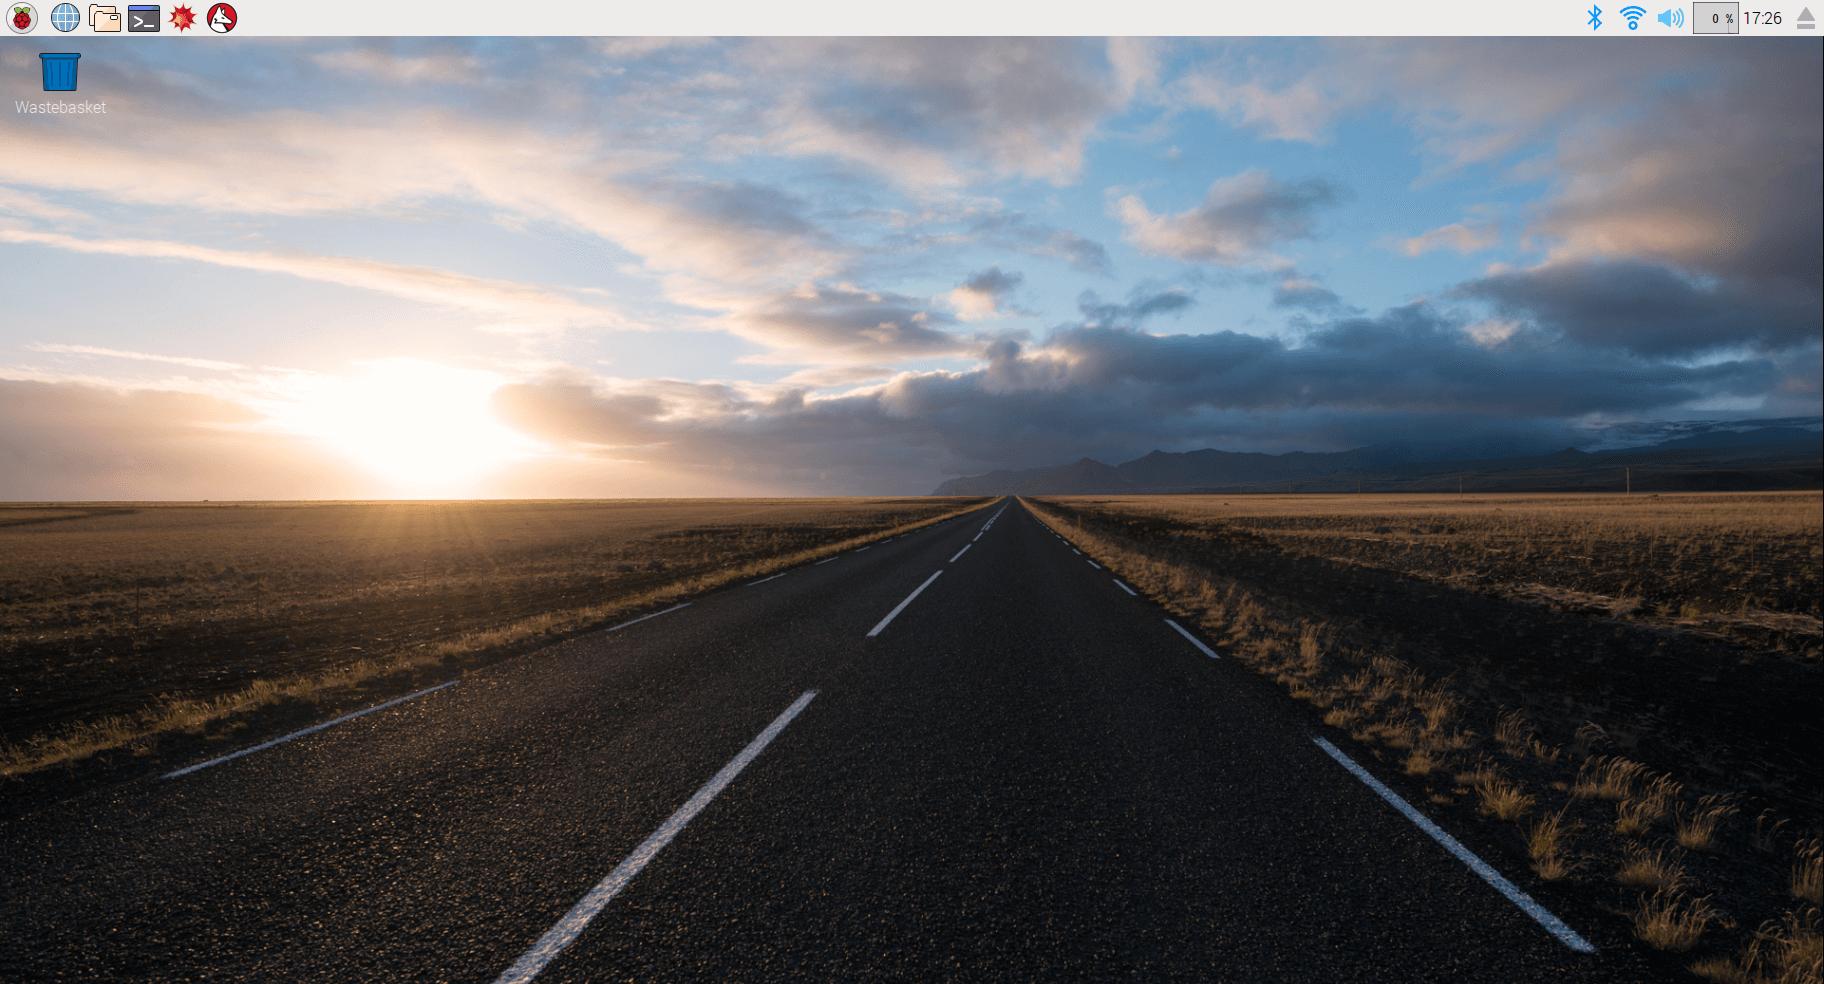 Raspbian desktop